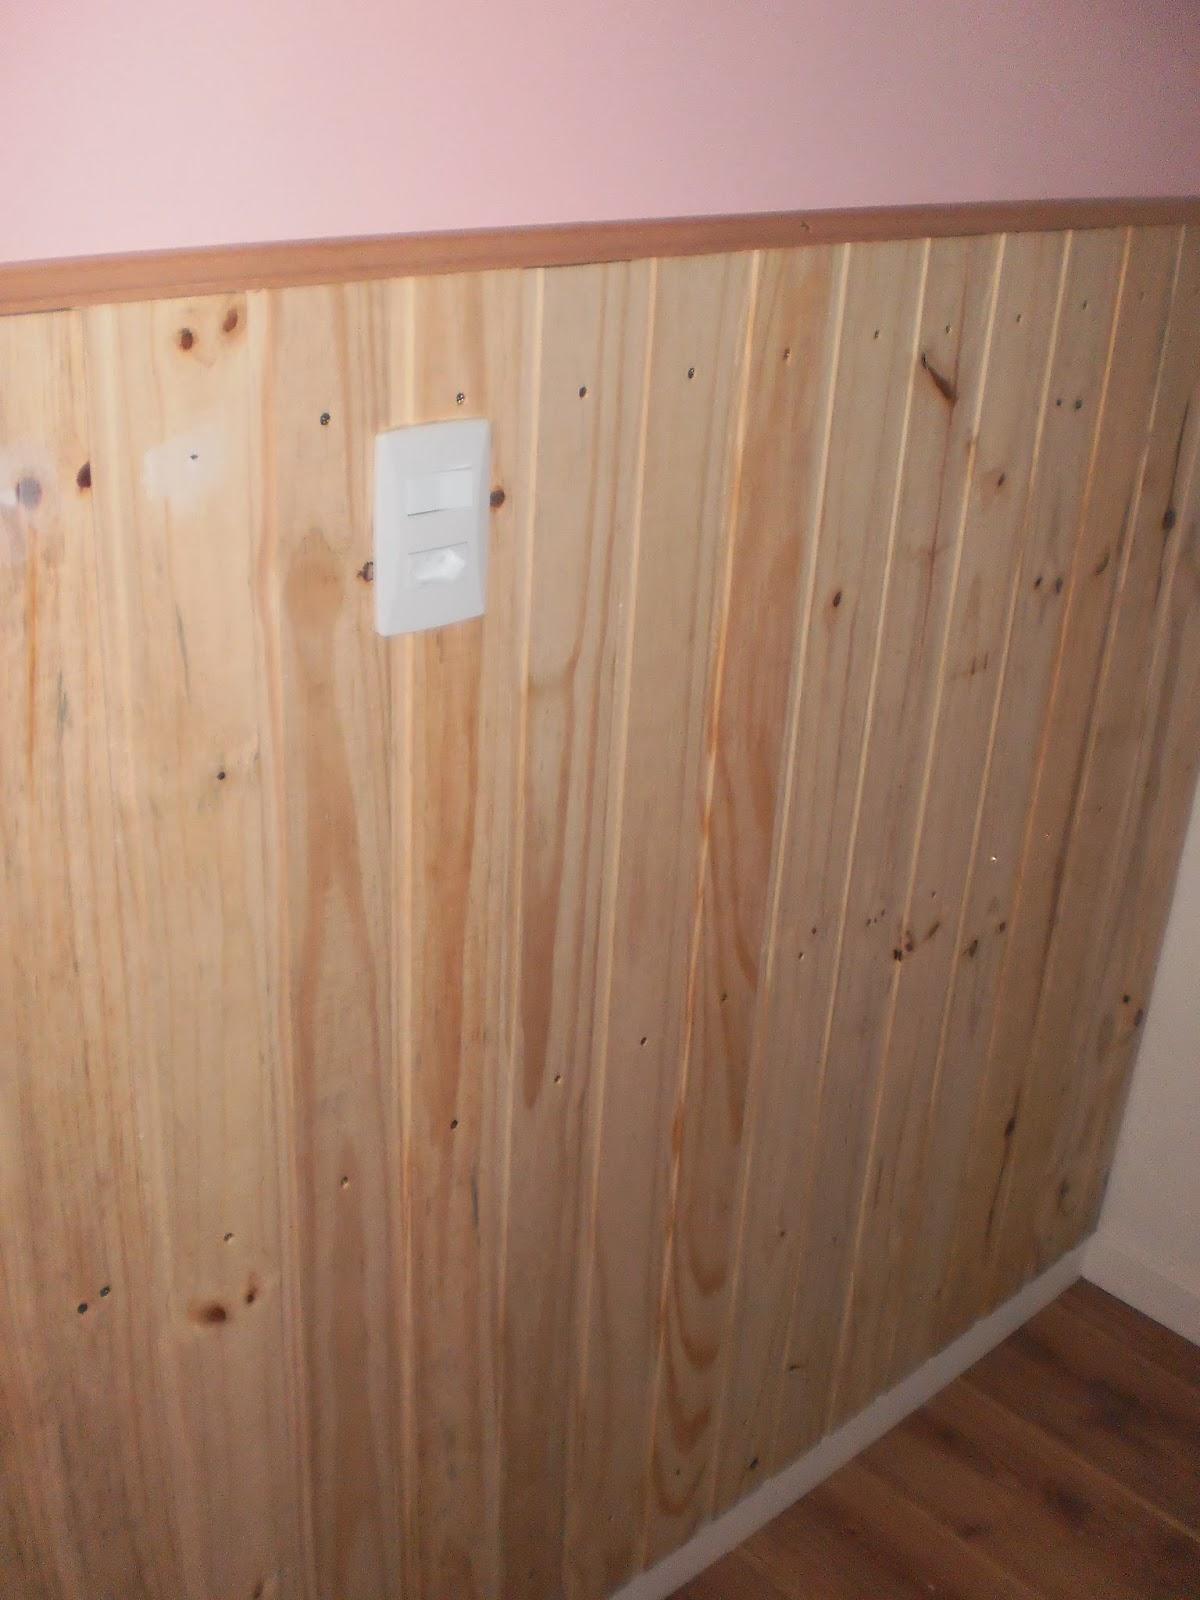 pose de lambris sur mur pas droit devis maison aix en provence soci t wnfcto. Black Bedroom Furniture Sets. Home Design Ideas